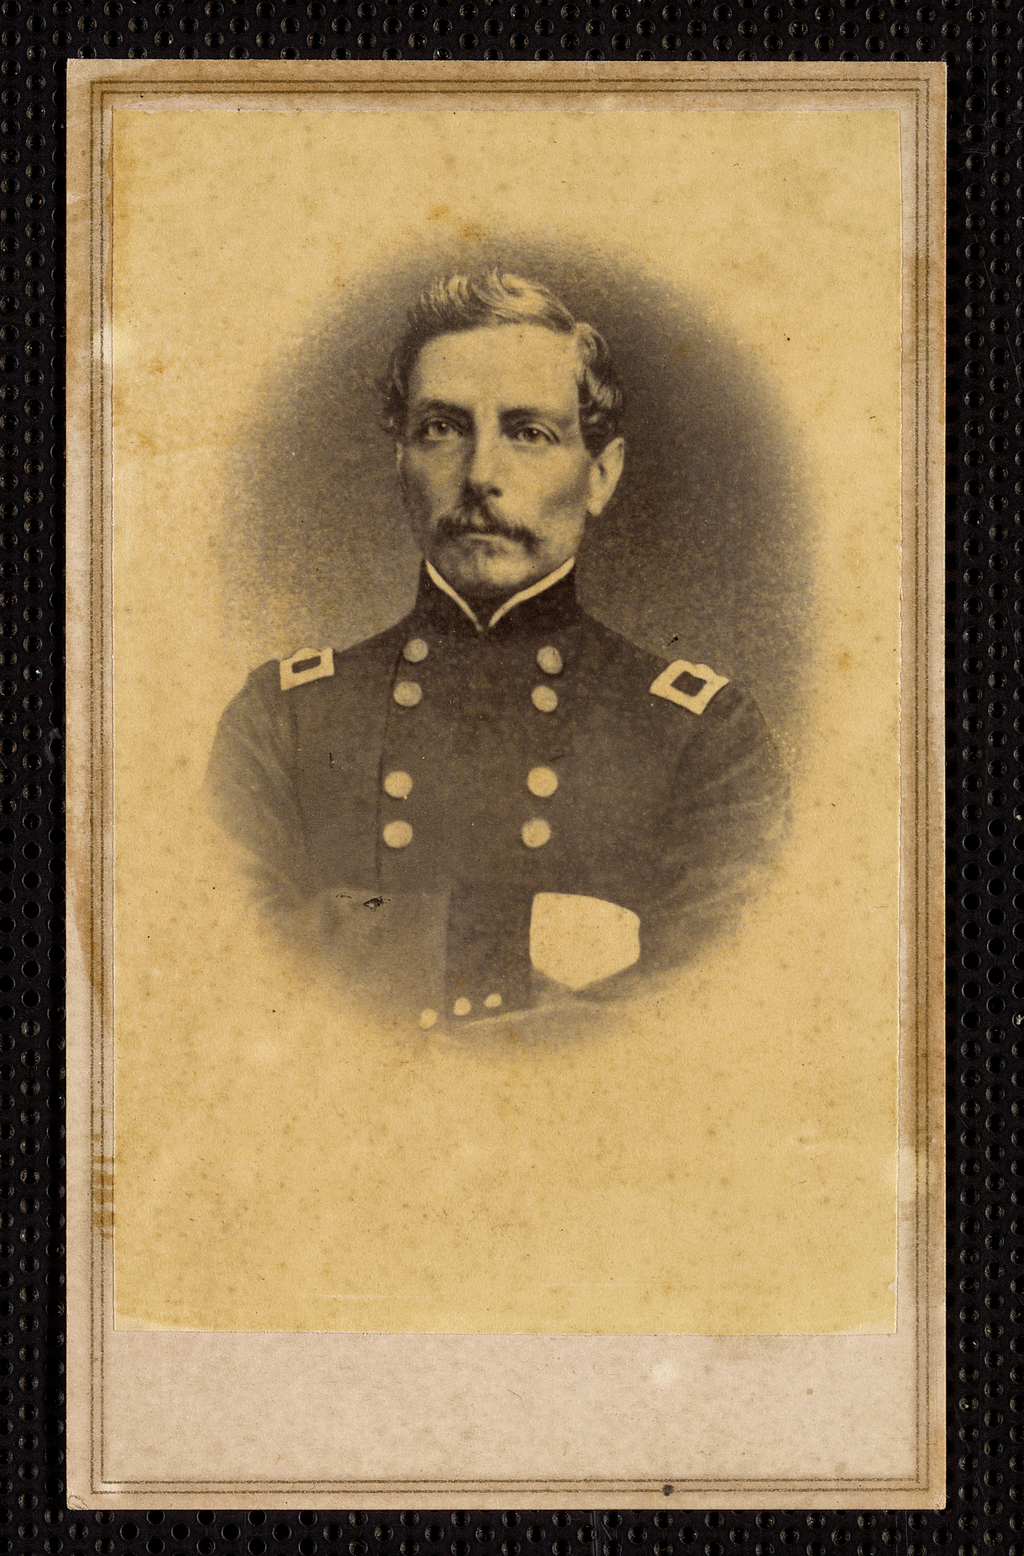 Бригадный генерал П. Г. Т. Борегар, Конфедеративные Штаты Америки